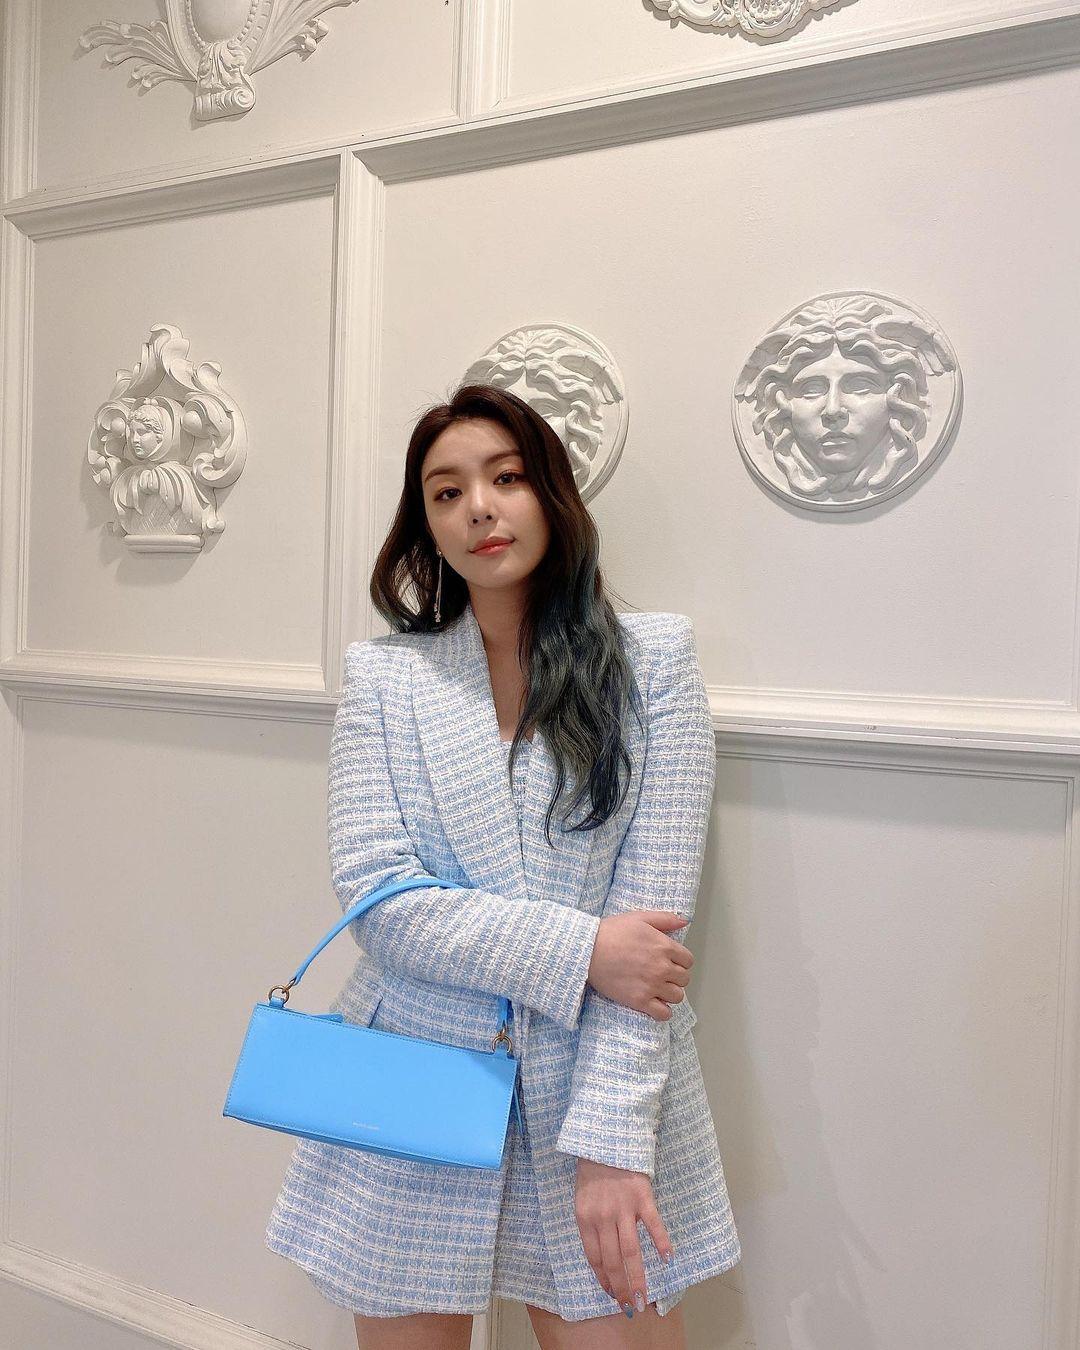 Tổng hợp đồ Zara sao Hàn vừa diện: Toàn món trendy xinh tươi, thích nhất là giá chỉ từ 500k - Ảnh 5.